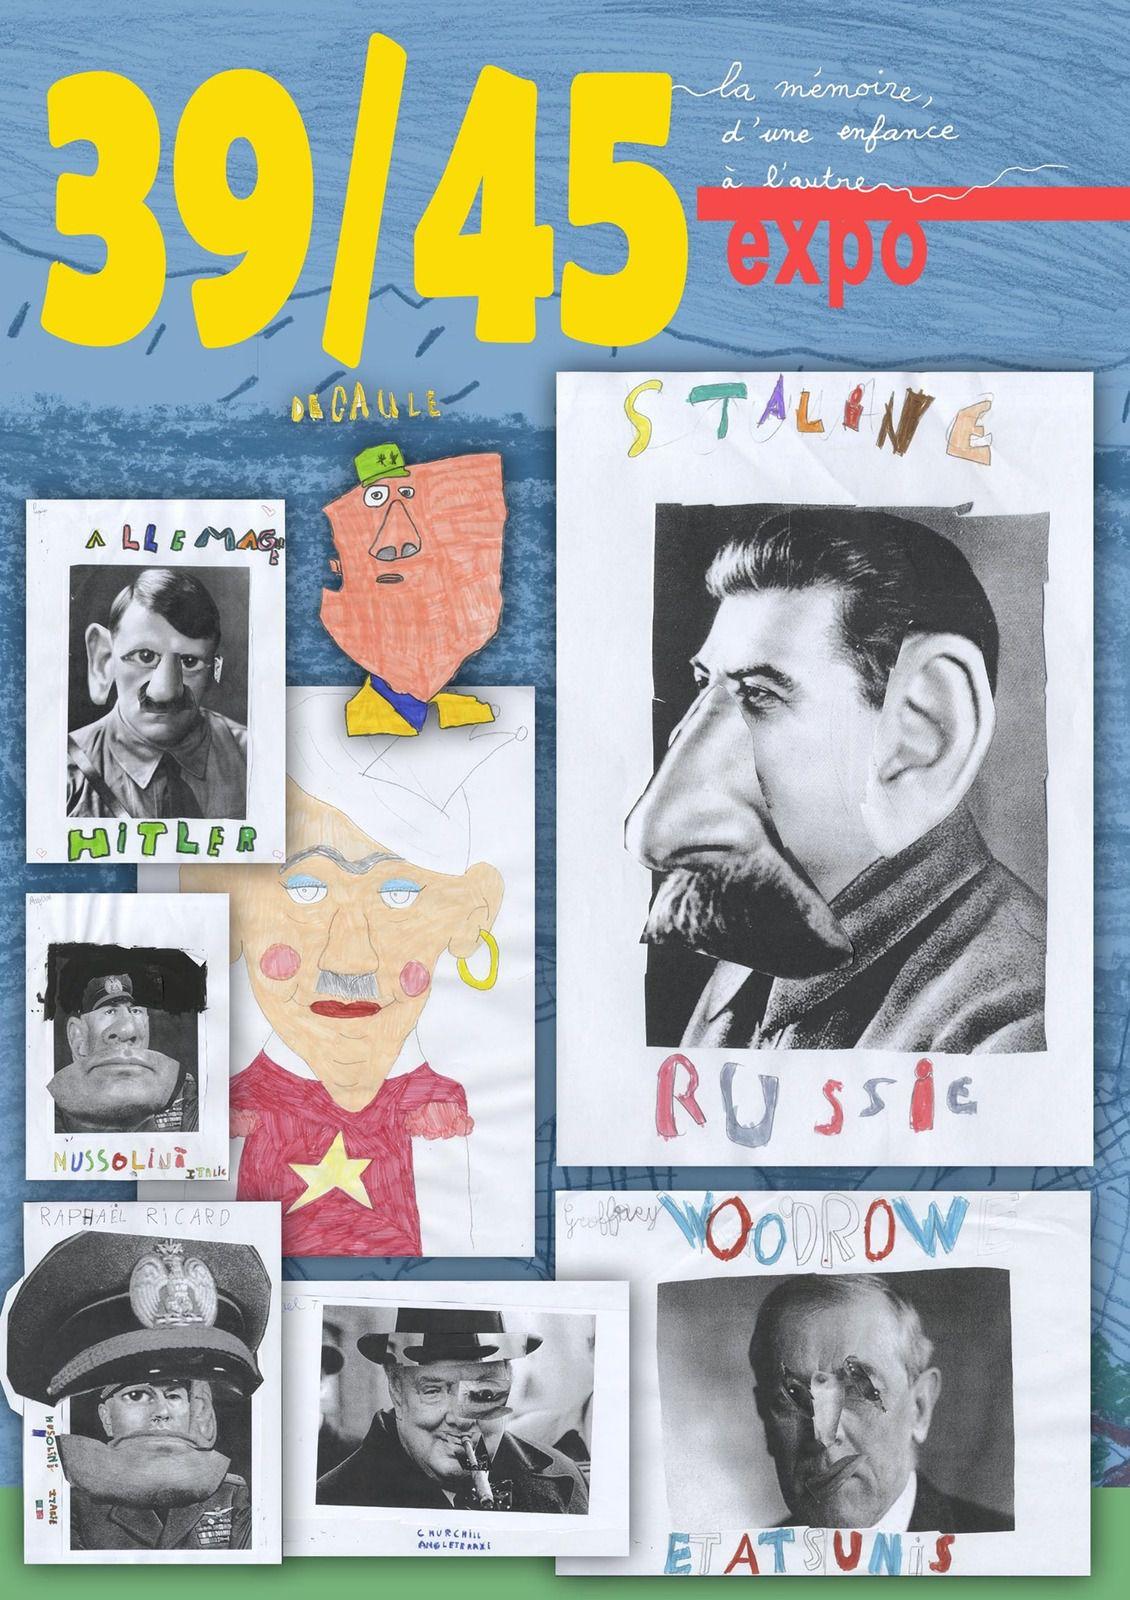 39-45, la mémoire, d'une enfance à l'autre : exposition et vidéo conçue pour l'école Jean Zay de Ham (80400)